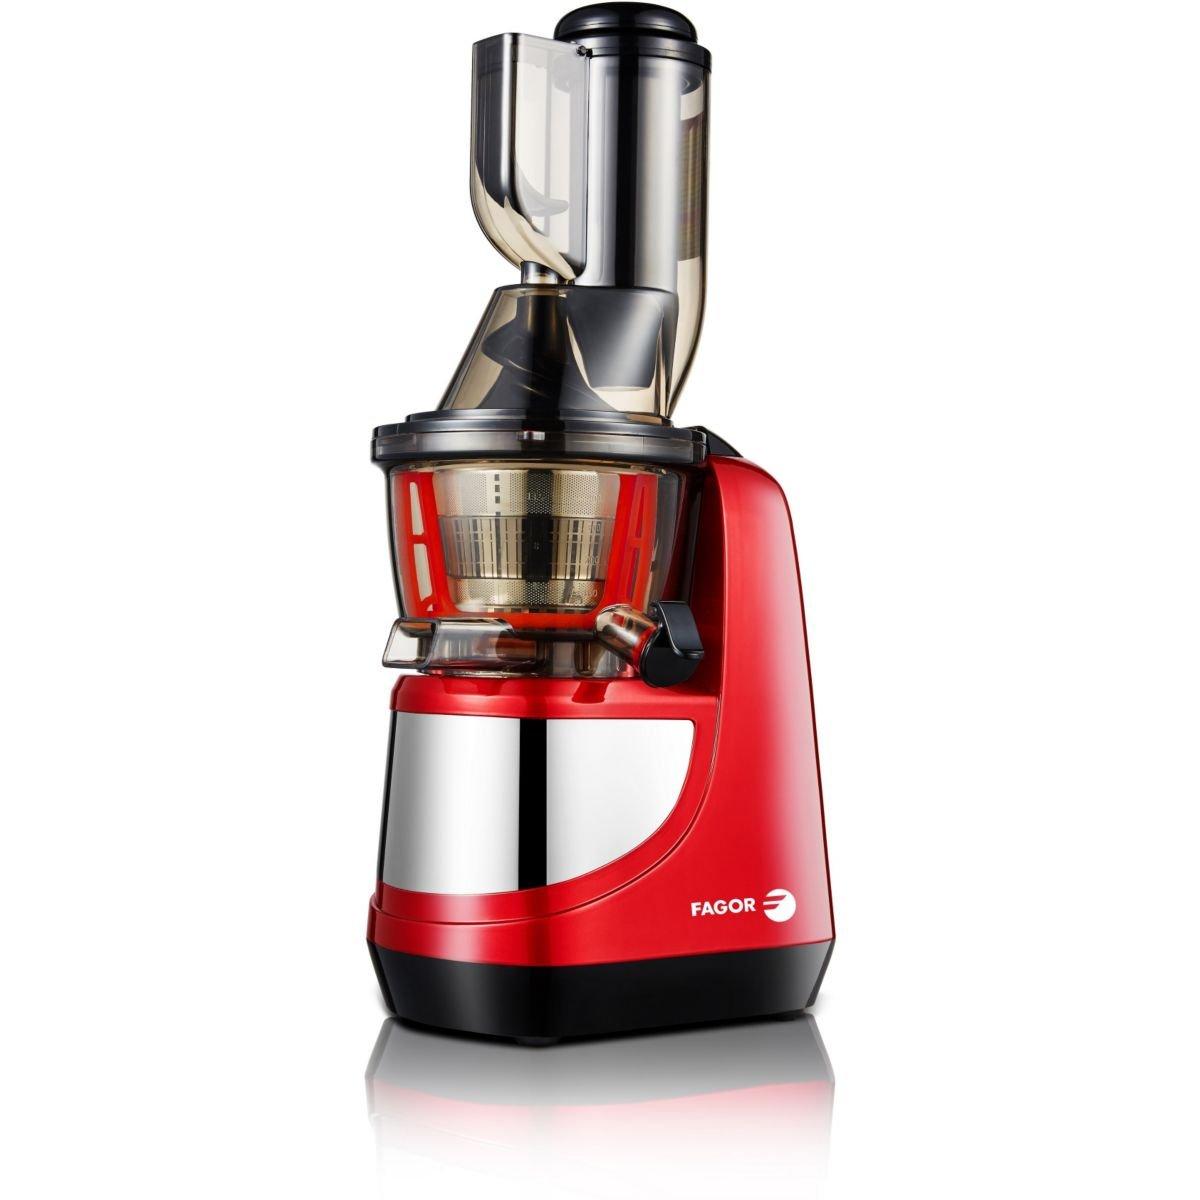 Fagor fg753 extractor con zumo rojo 240 W: Amazon.es: Hogar